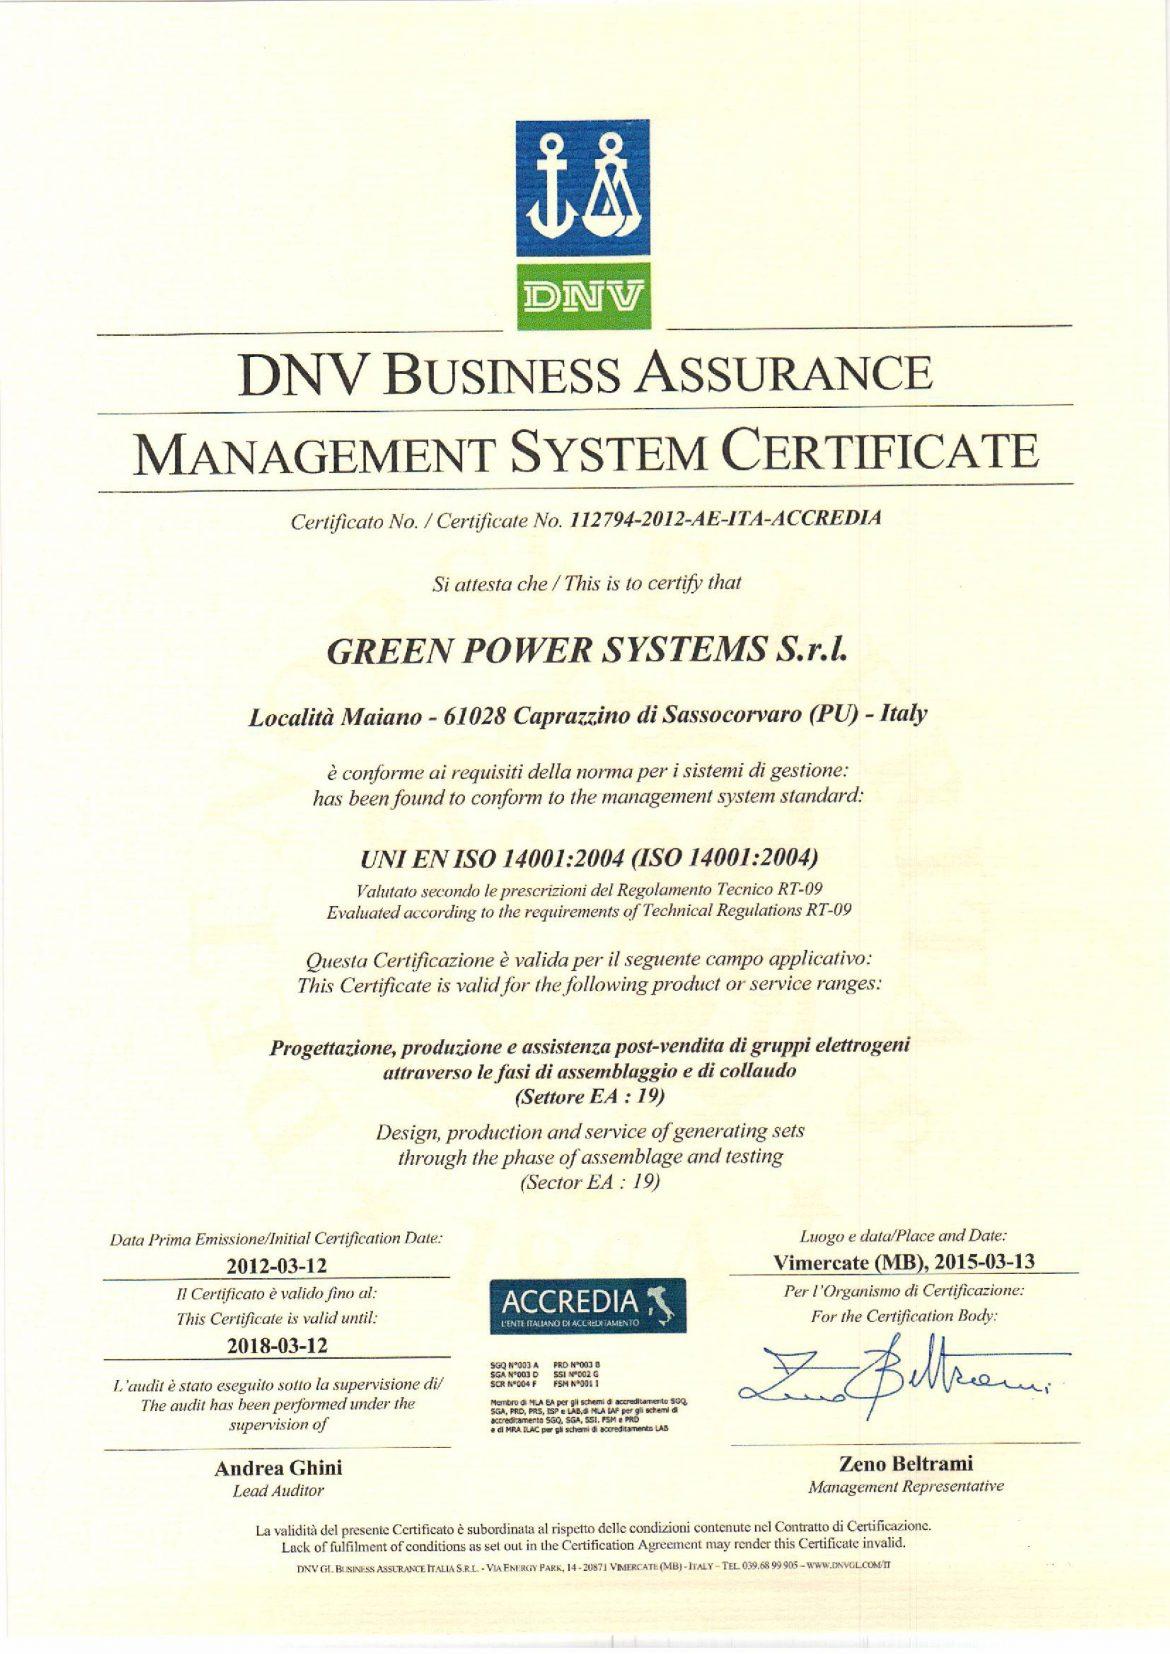 Ейч Ай Инженериг Сертификат 2 DNV